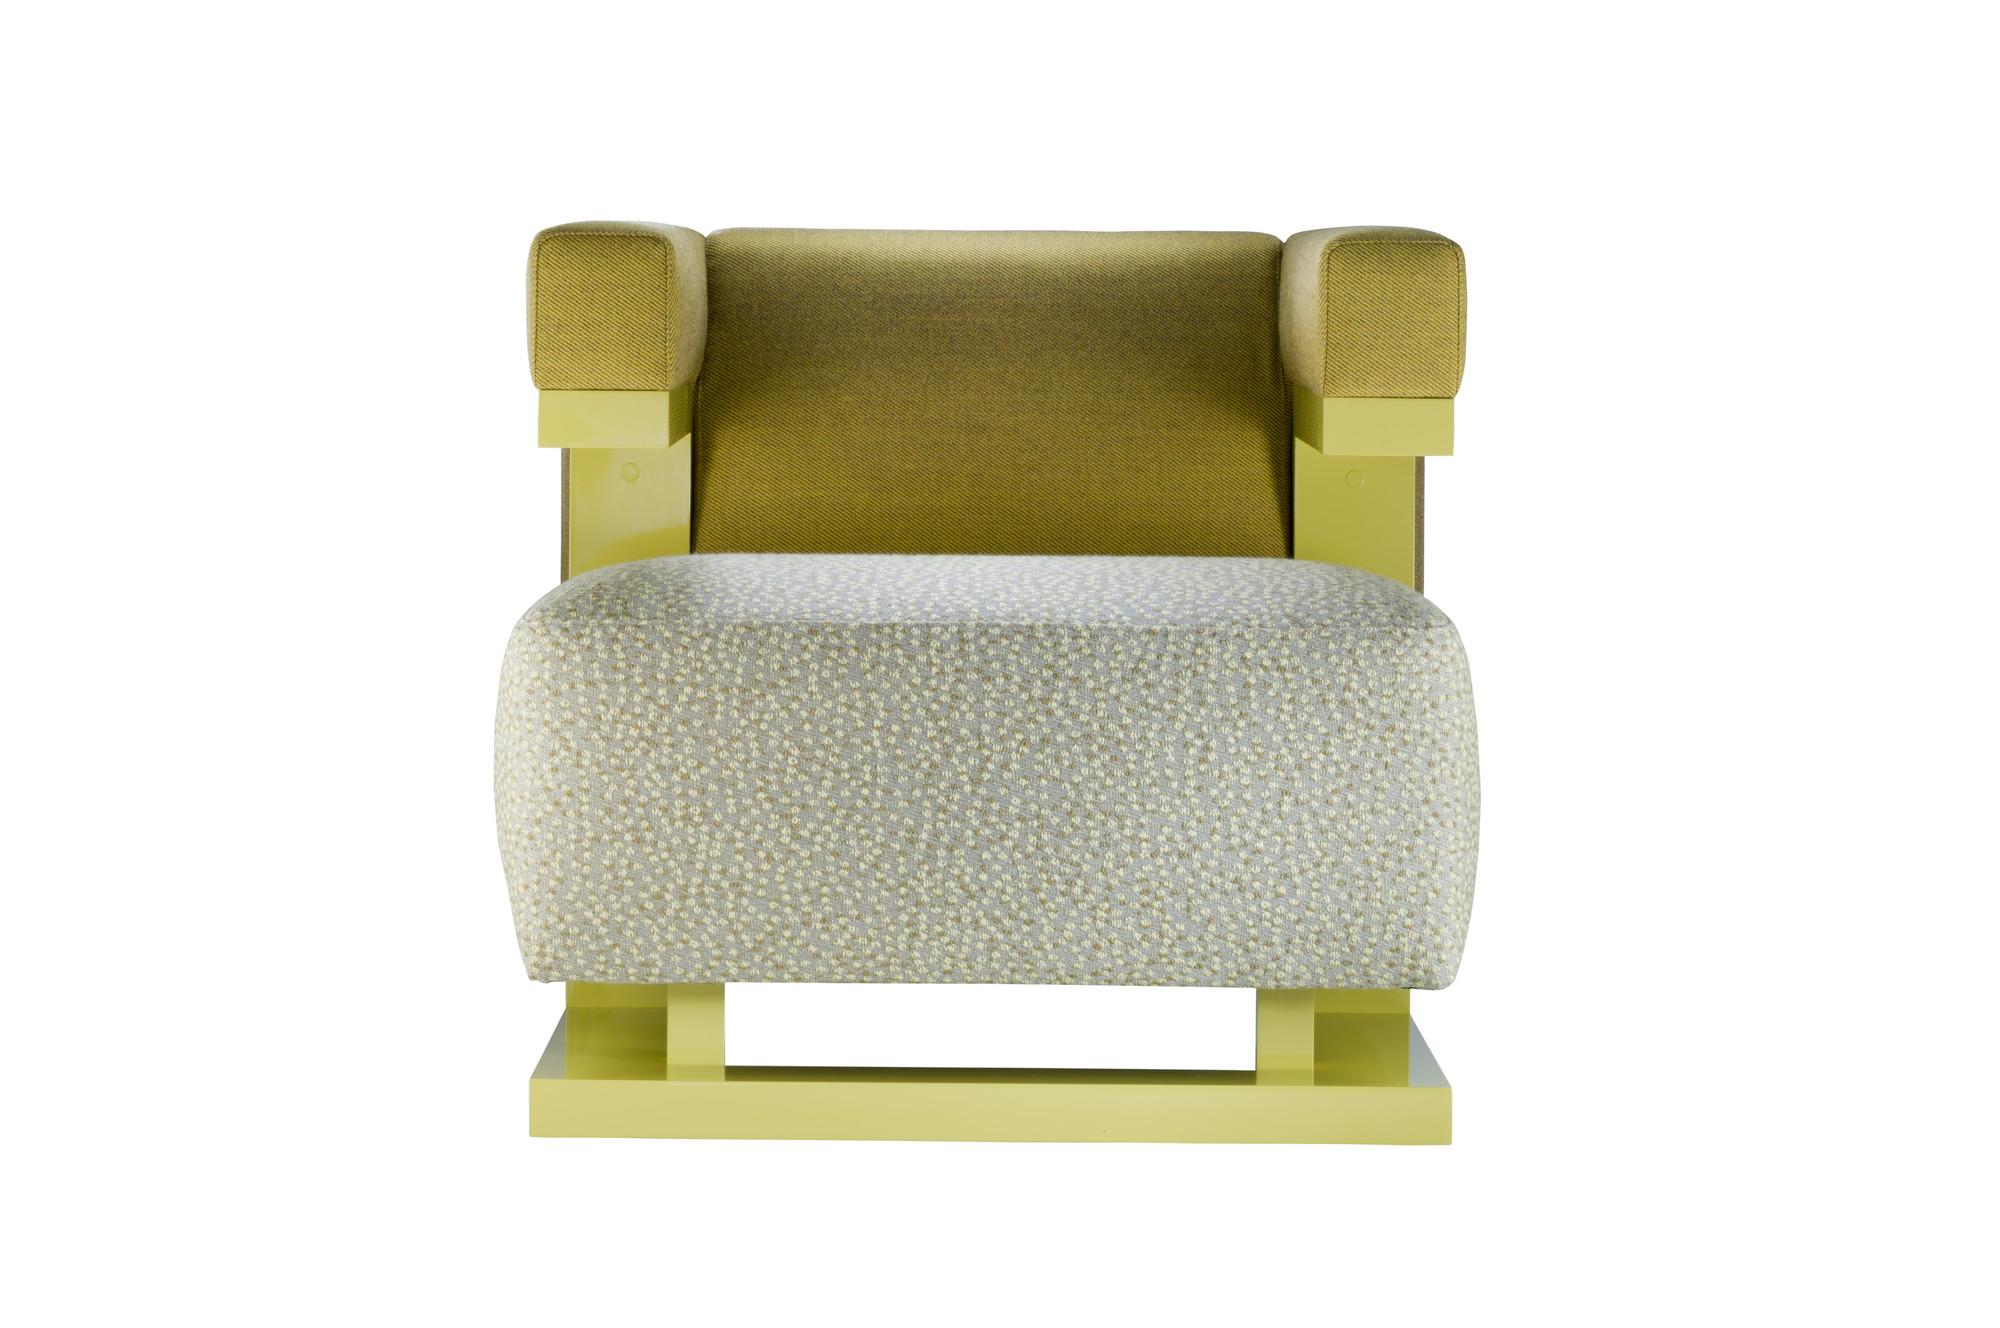 F51N Armchair Edition Bauhausnowhaus Tecta Version 2